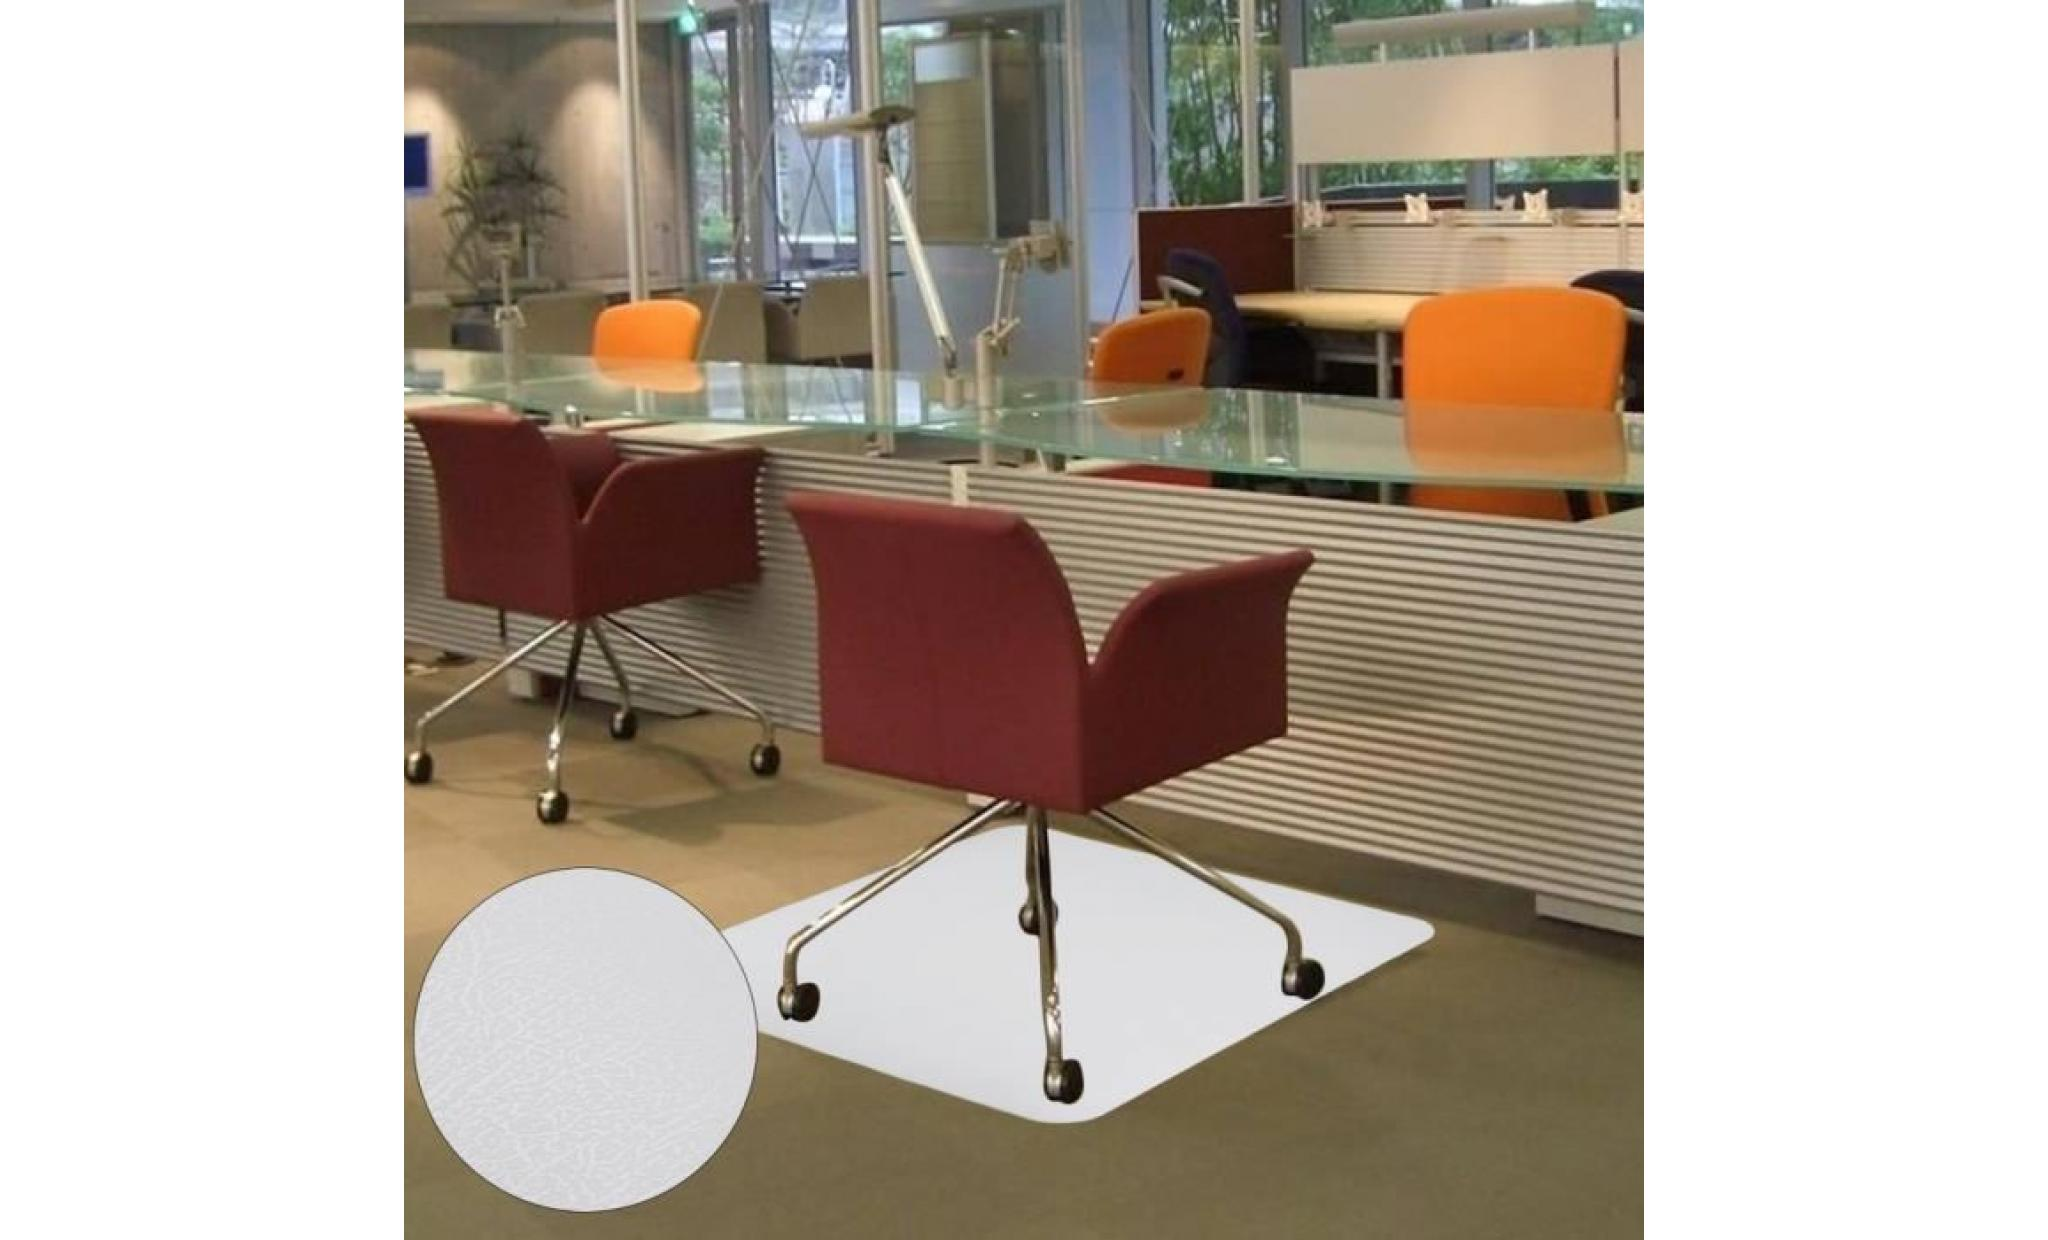 120x120cm tapis de protection tapis de sol chaise de bureau coussin antiderapant achat vente fauteuil de bureau pas cher couleur et design fr